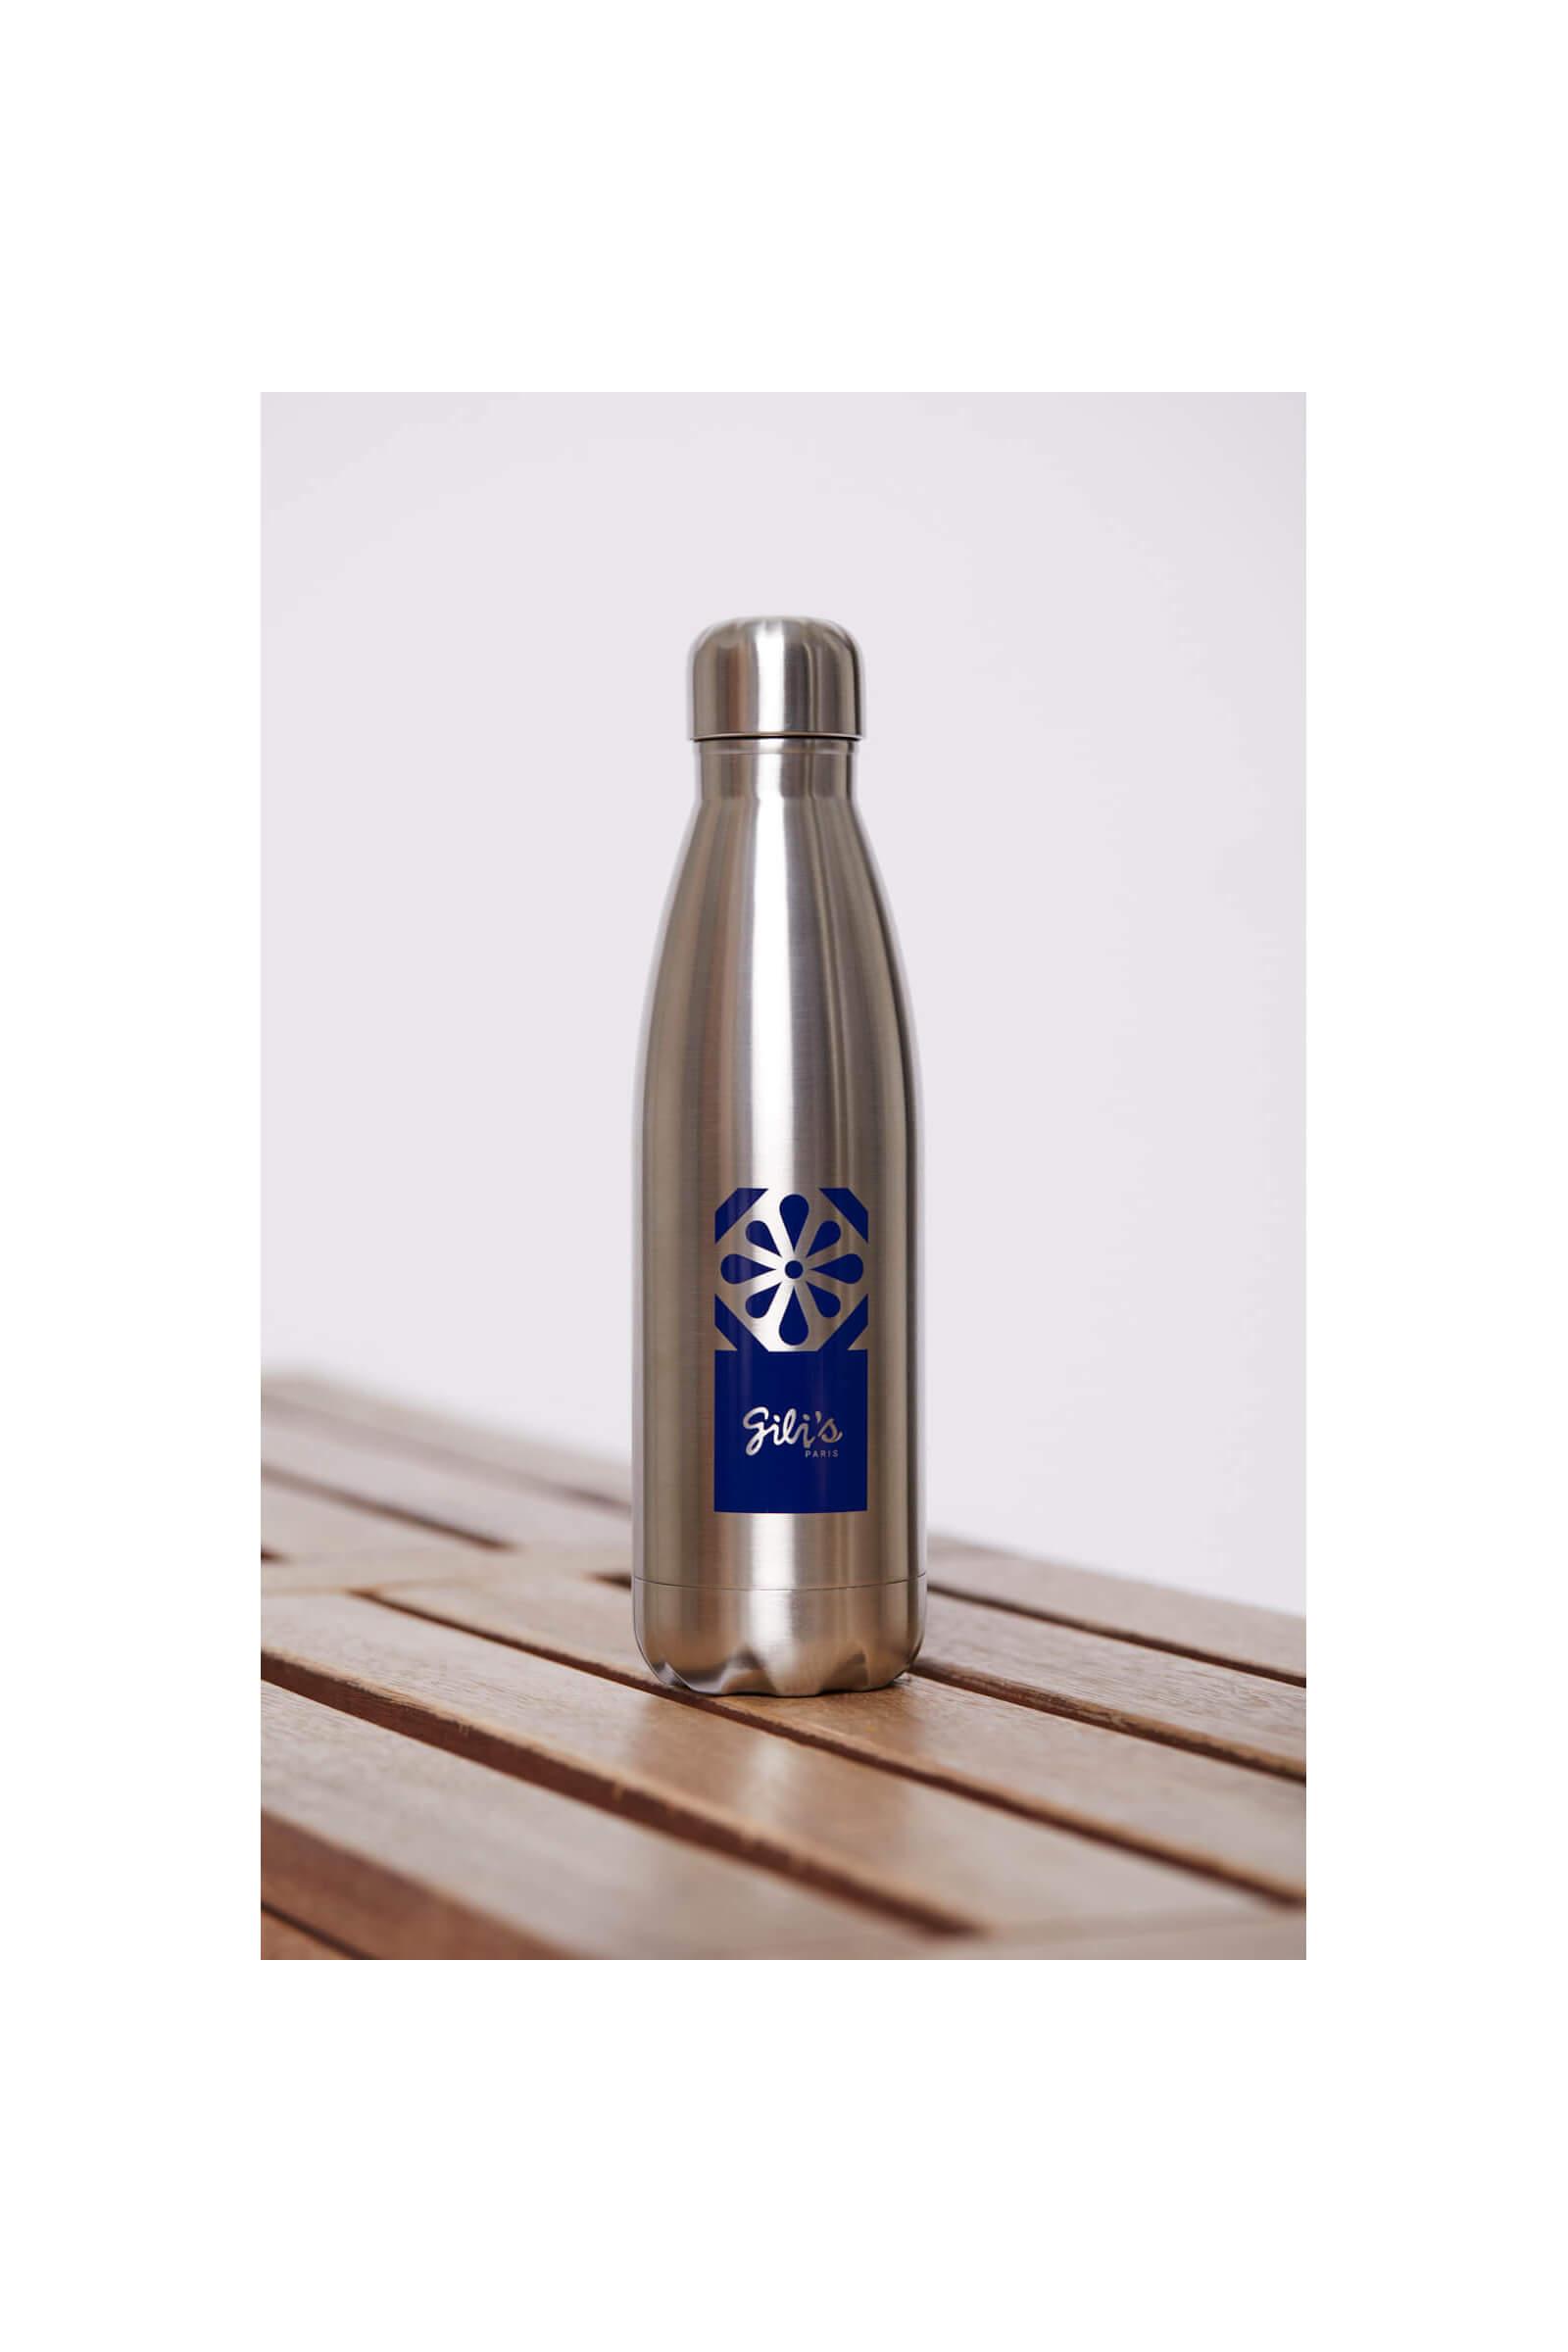 Reusable stainless steel bottle